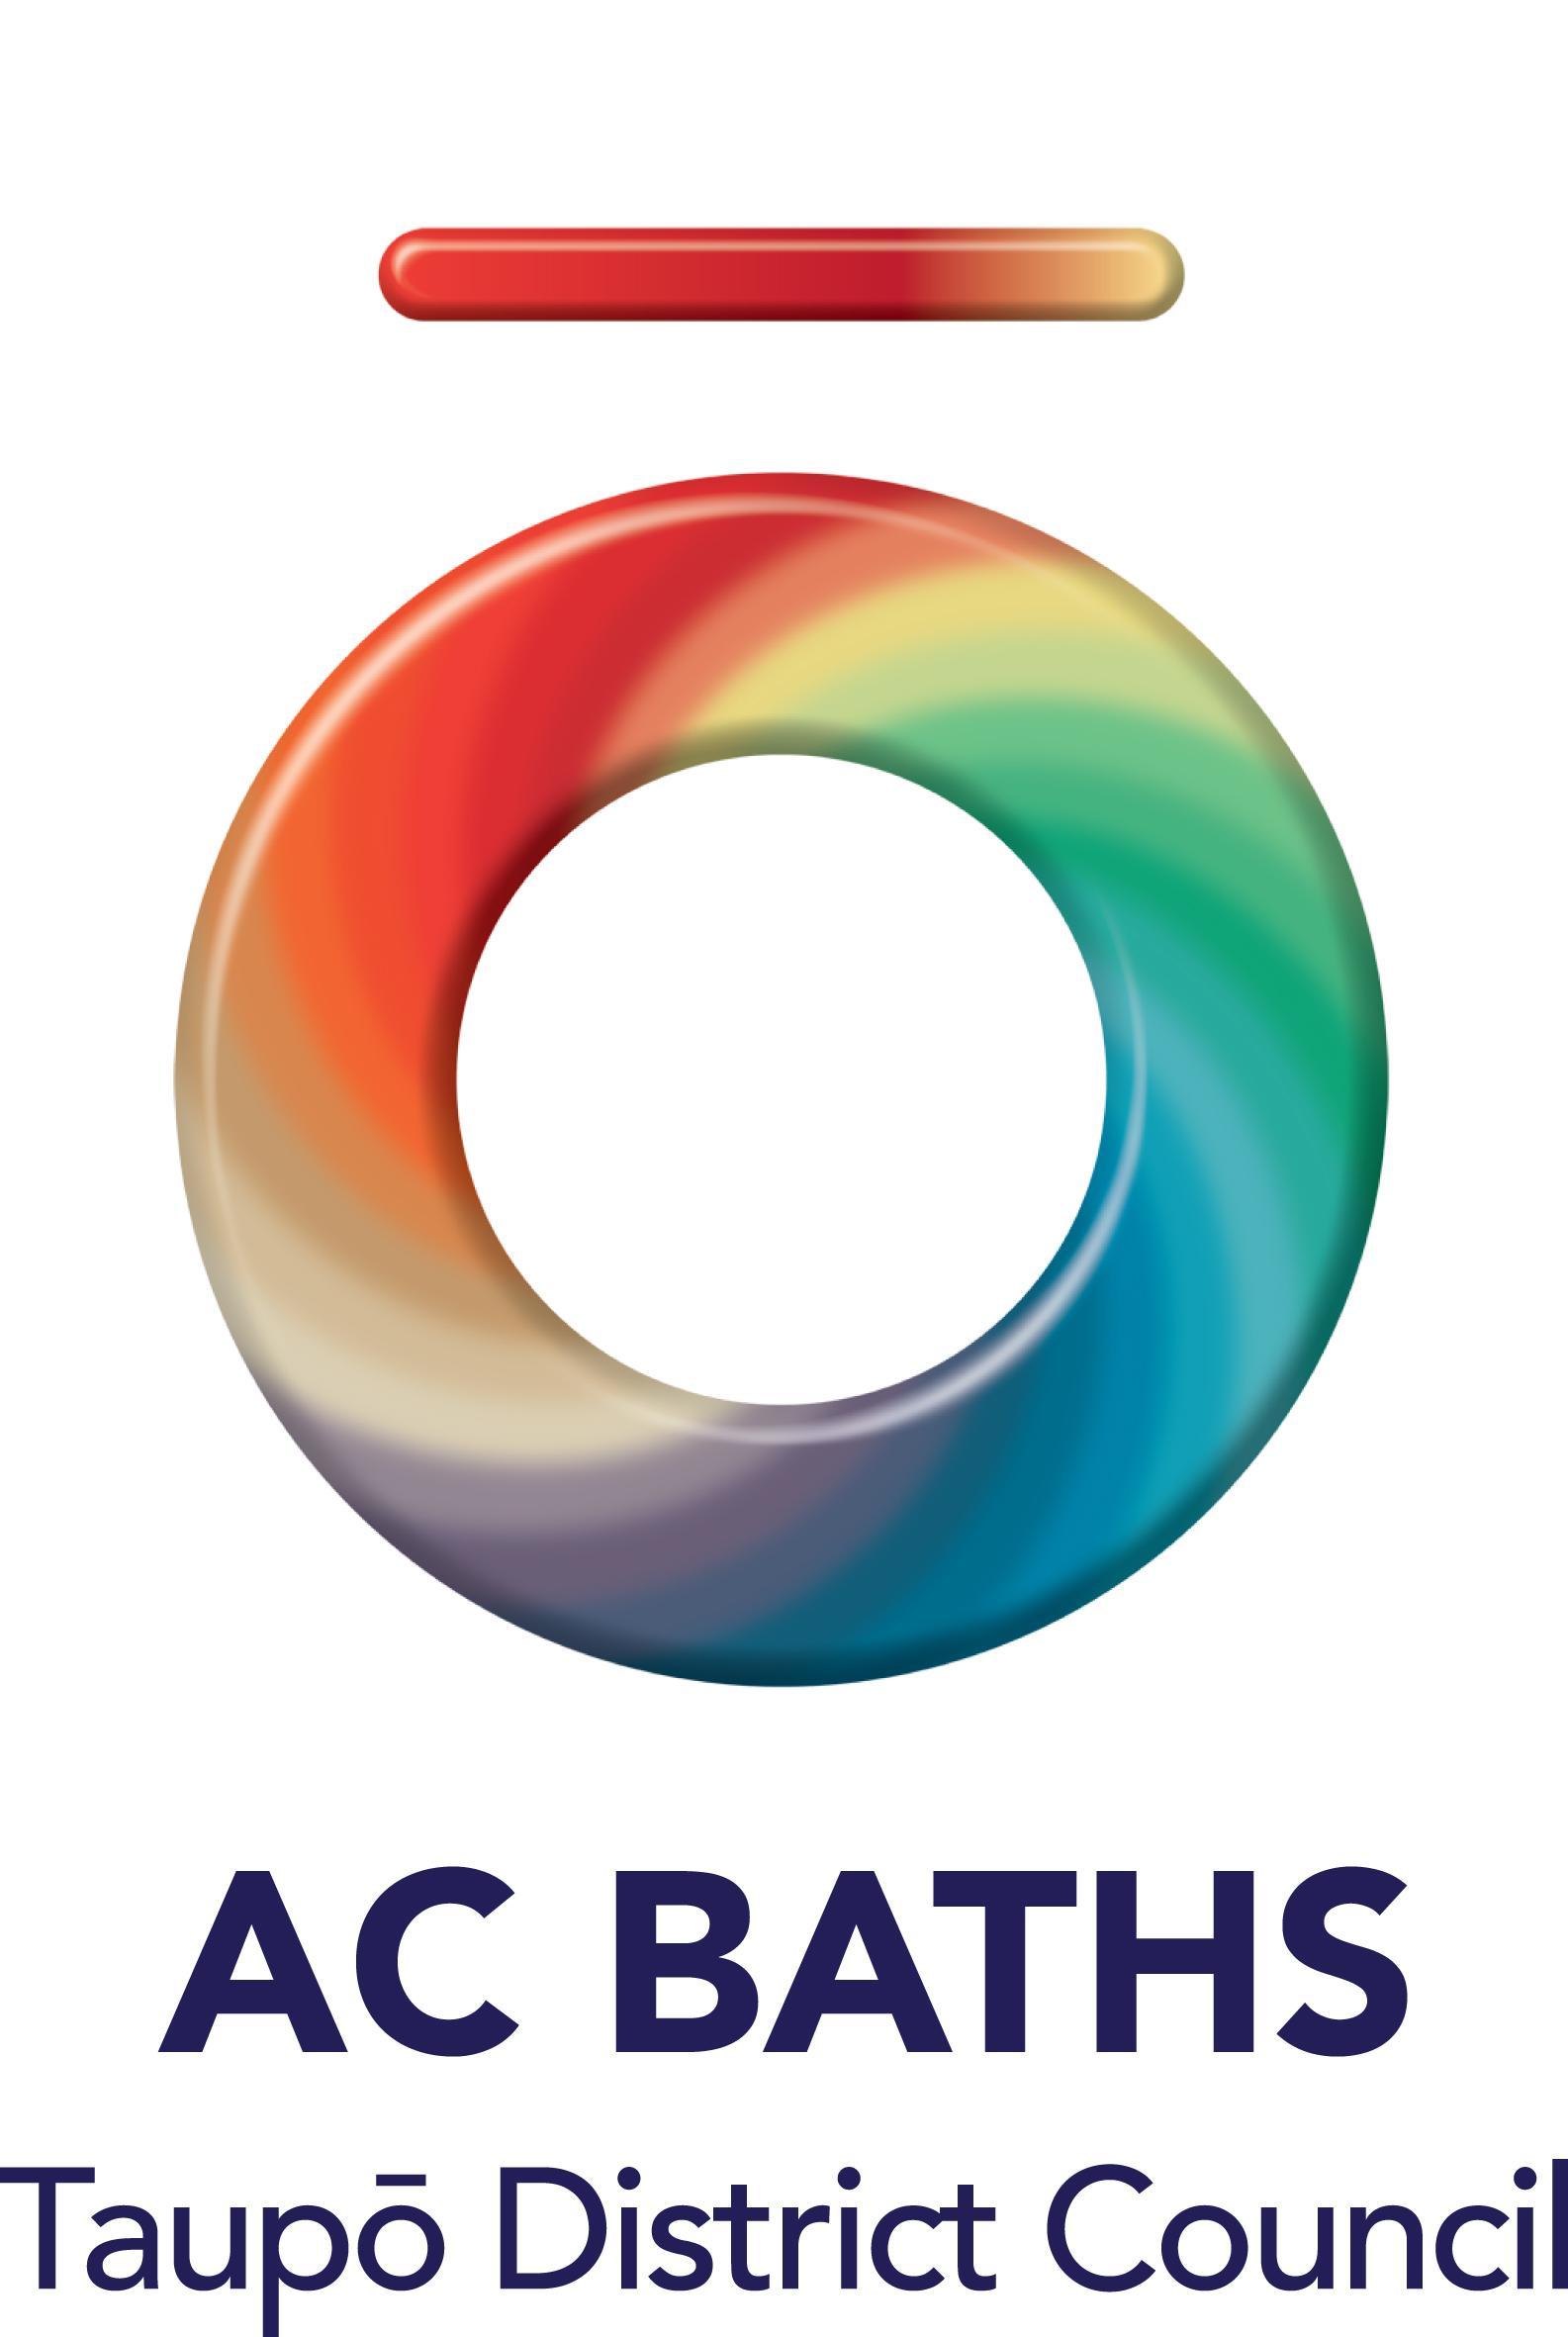 AC Baths Taupo